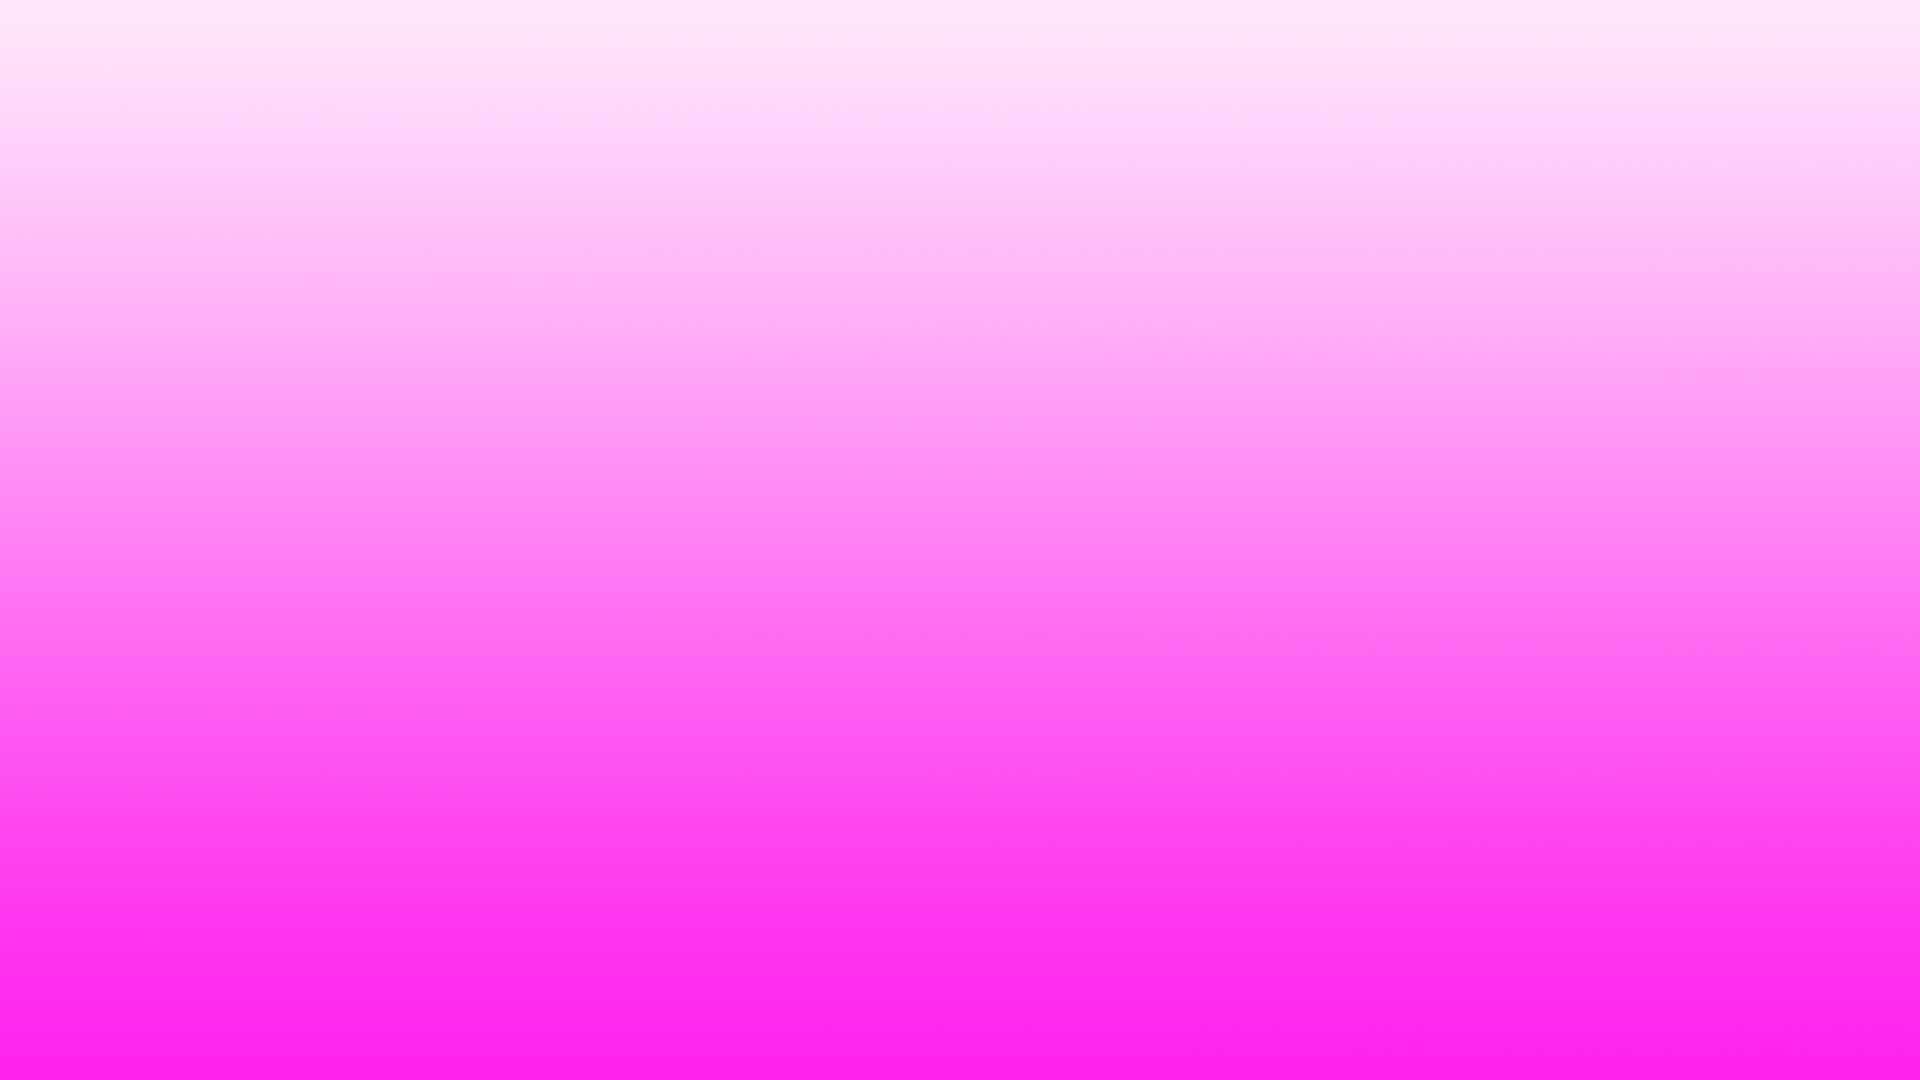 Pink Gradient iMovie Background Free